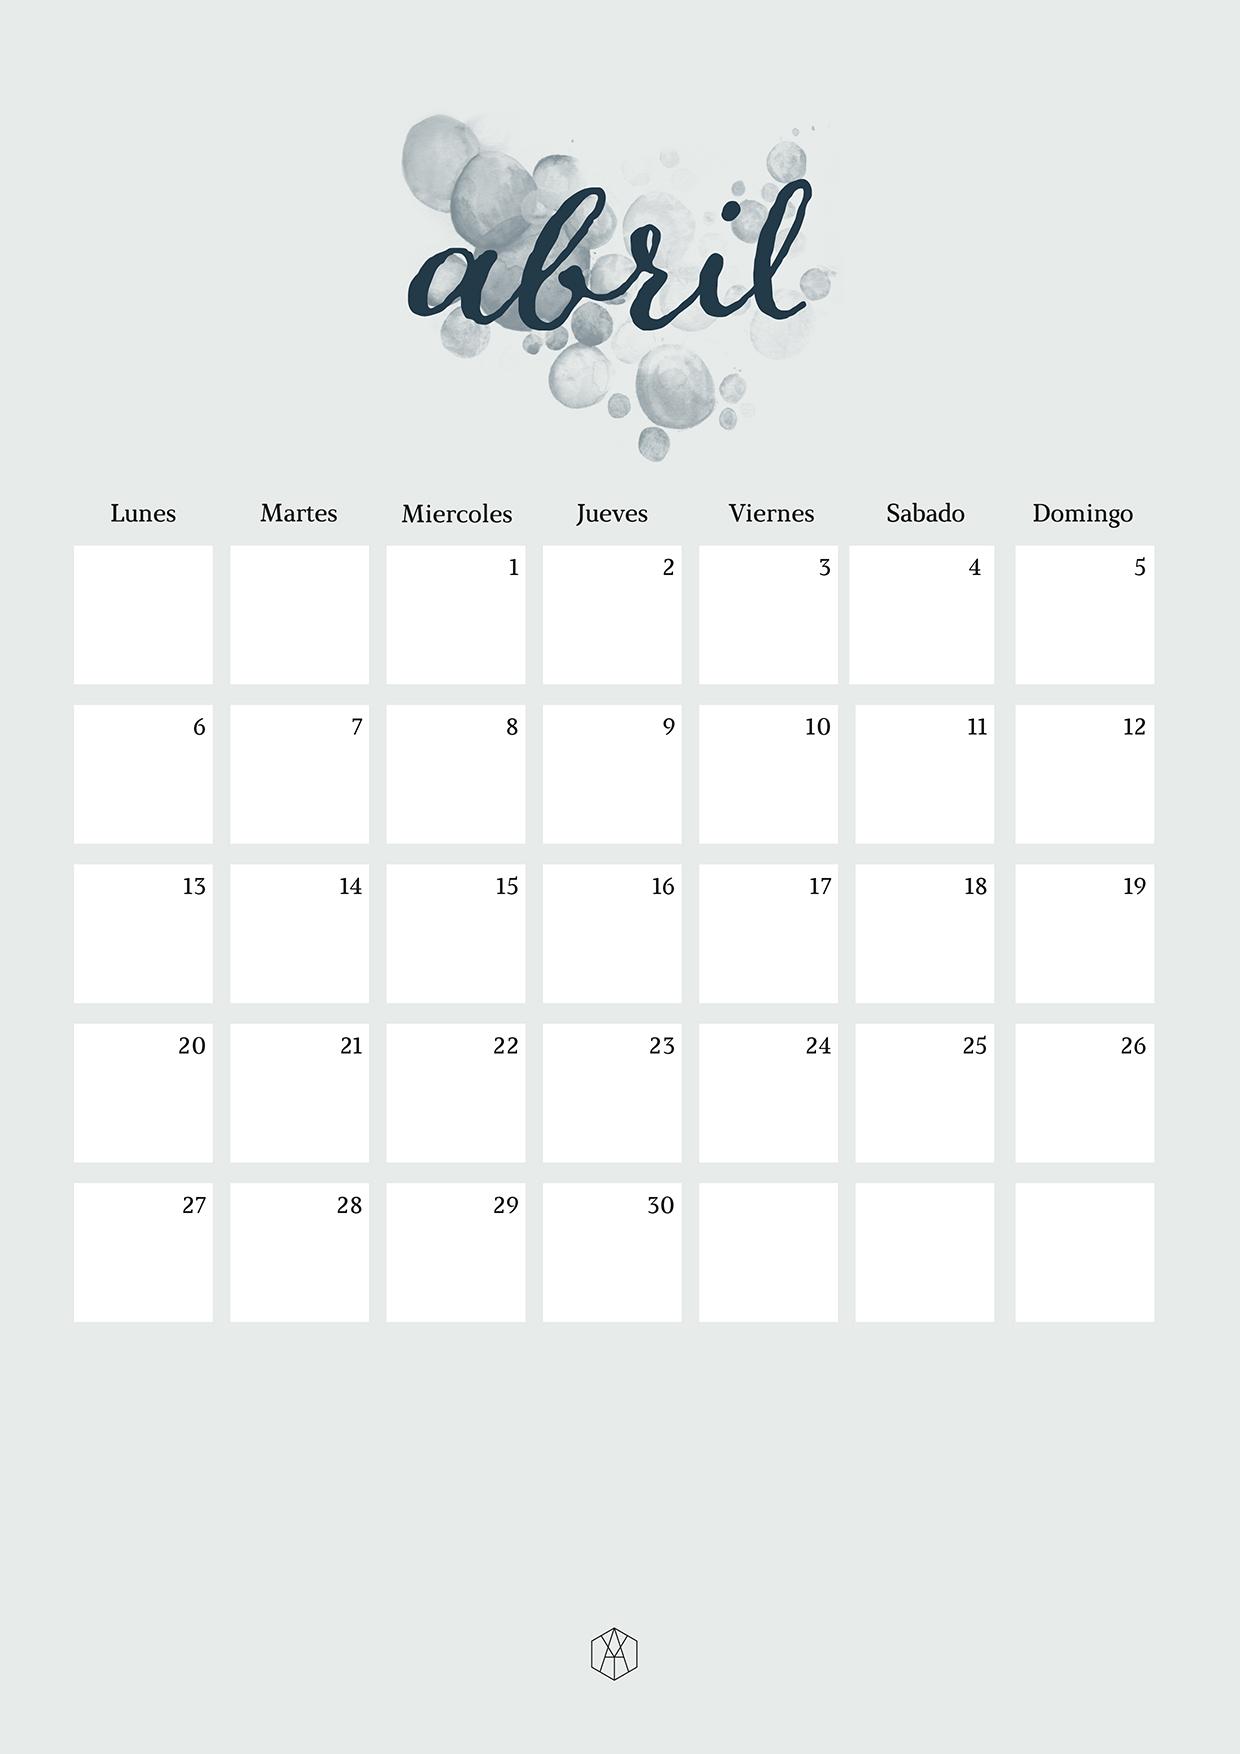 461c3c55e Calendario Abril versión horizontal · Calendario Abril versión vertical